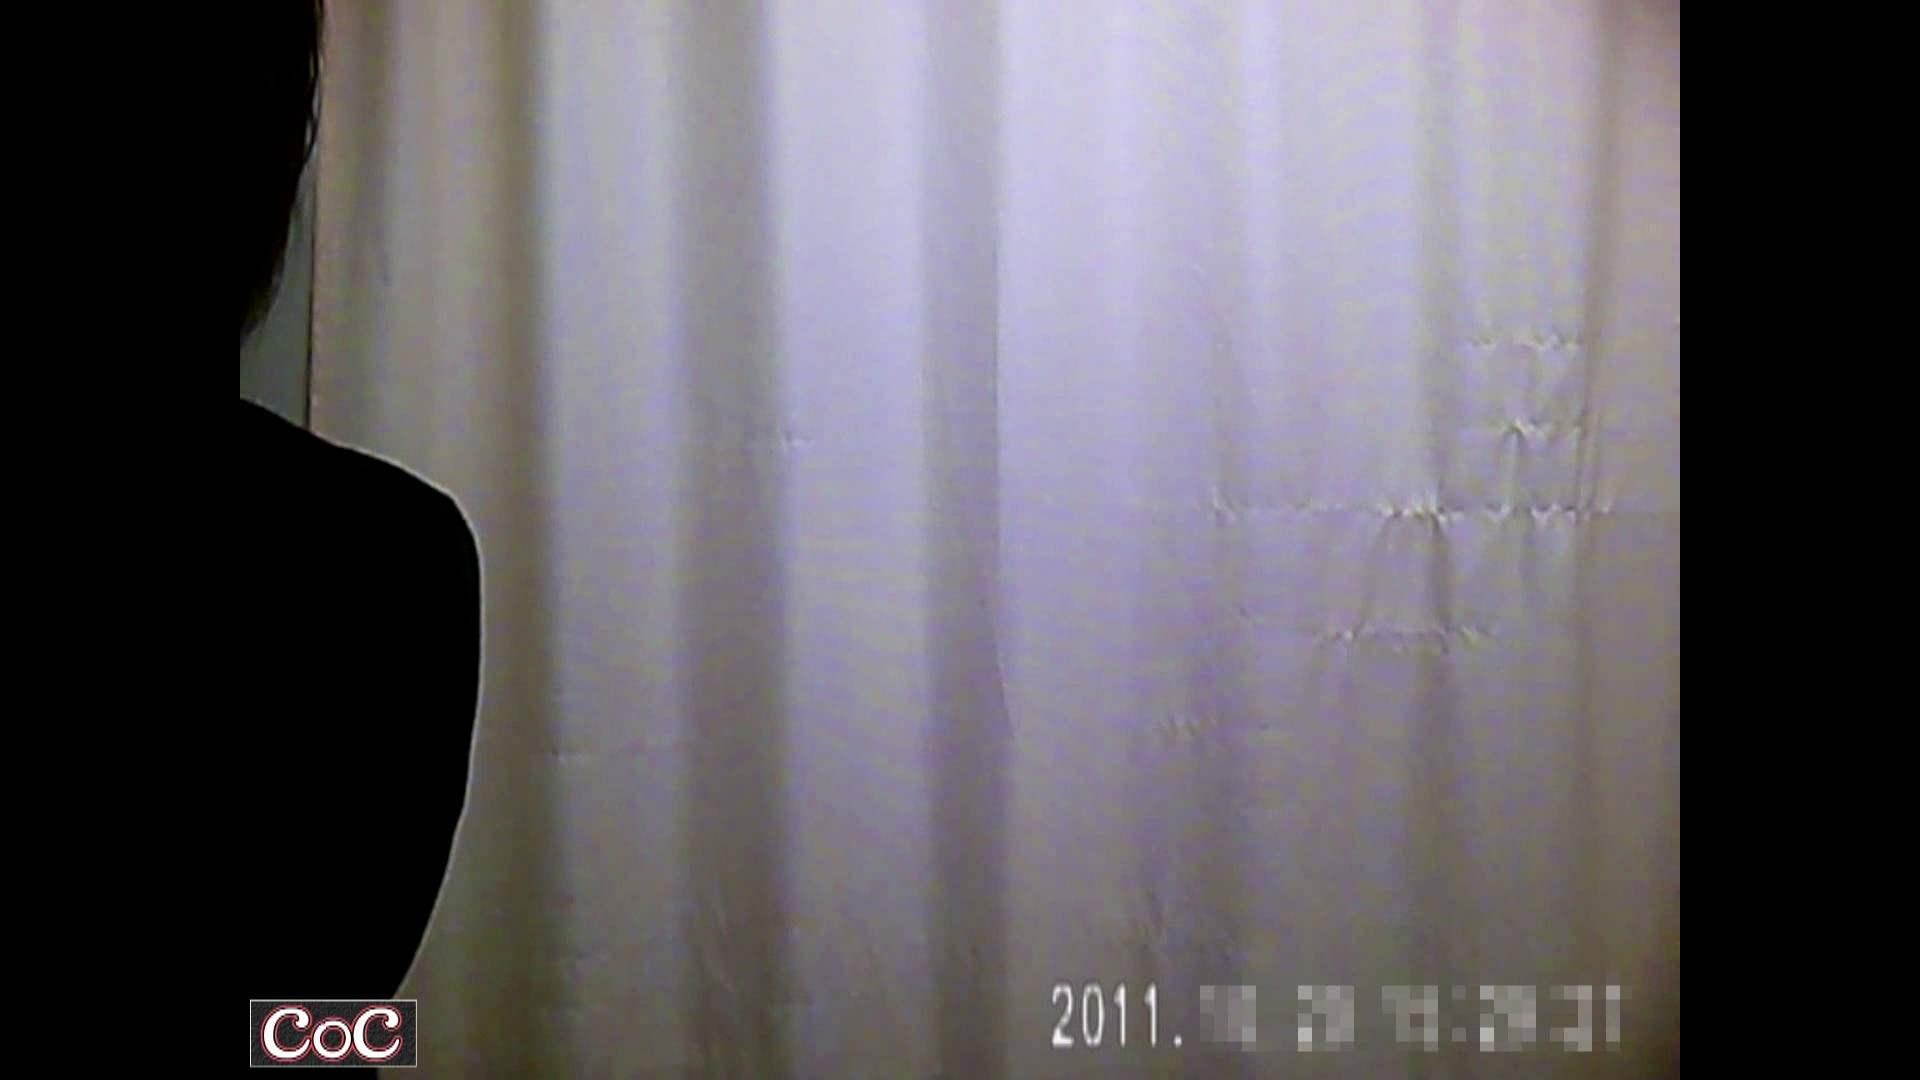 病院おもいっきり着替え! vol.65 貧乳 オメコ動画キャプチャ 76PIX 20